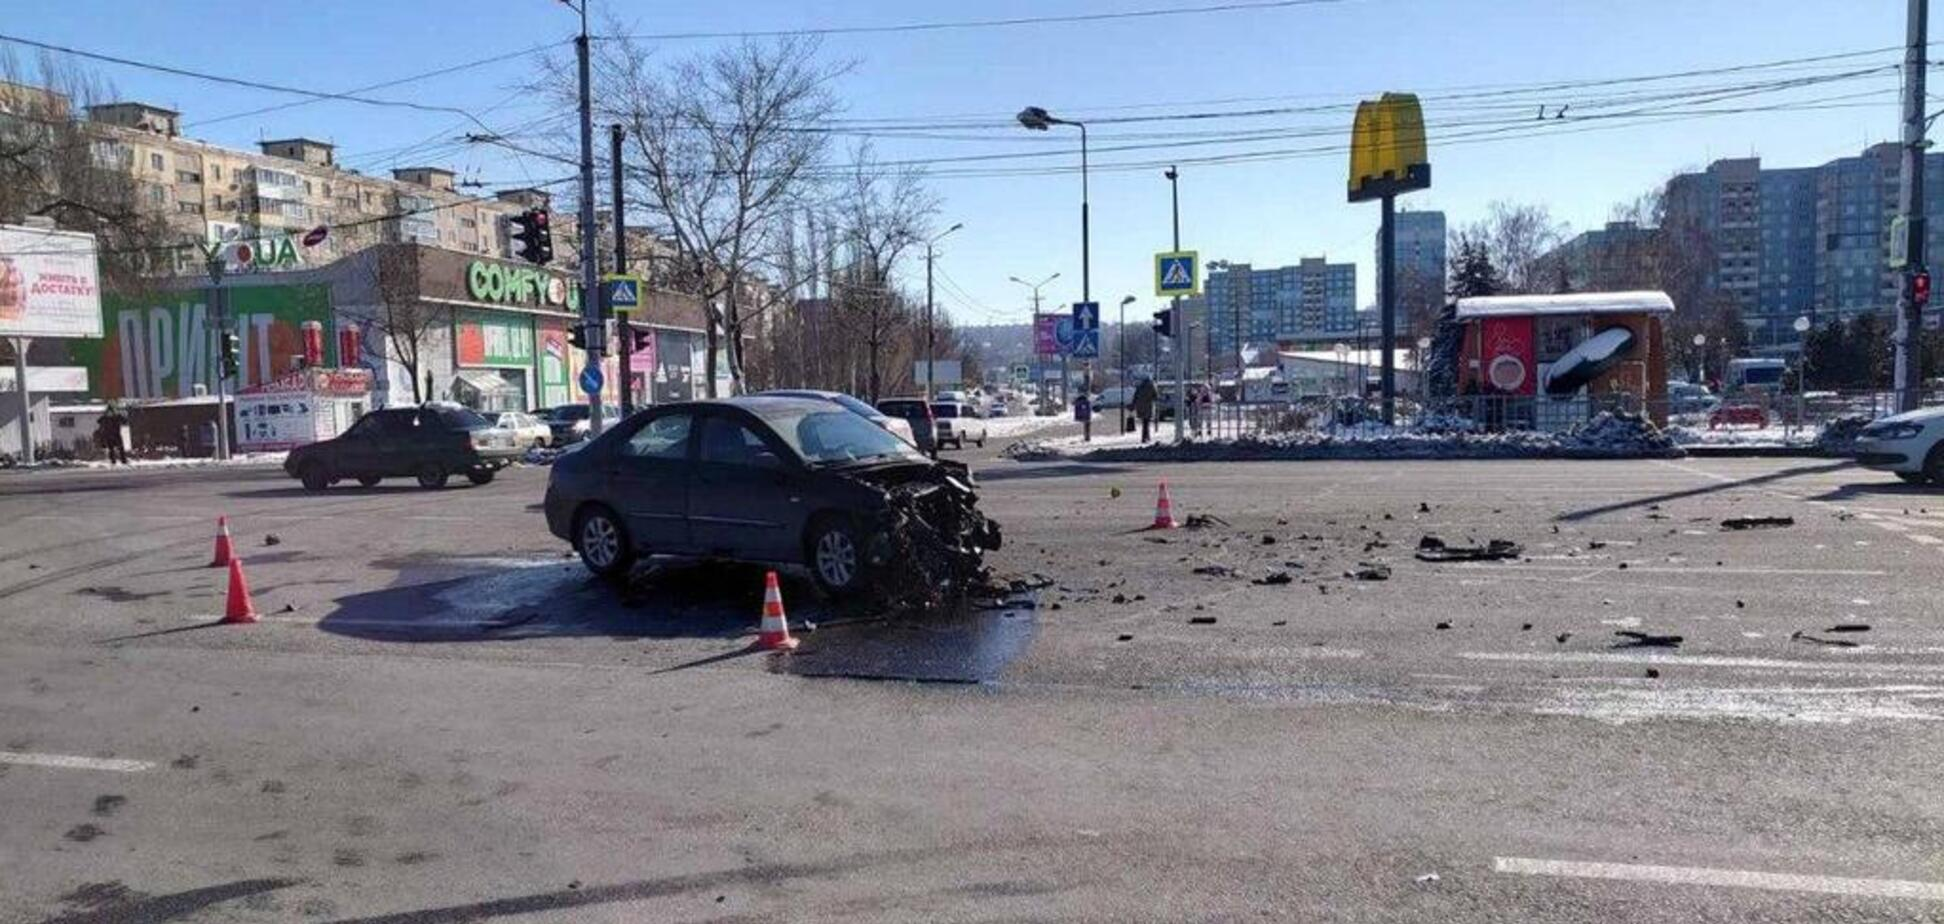 Авто розкидало по дорозі: в Дніпрі сталася жорстка ДТП. Фото і відео